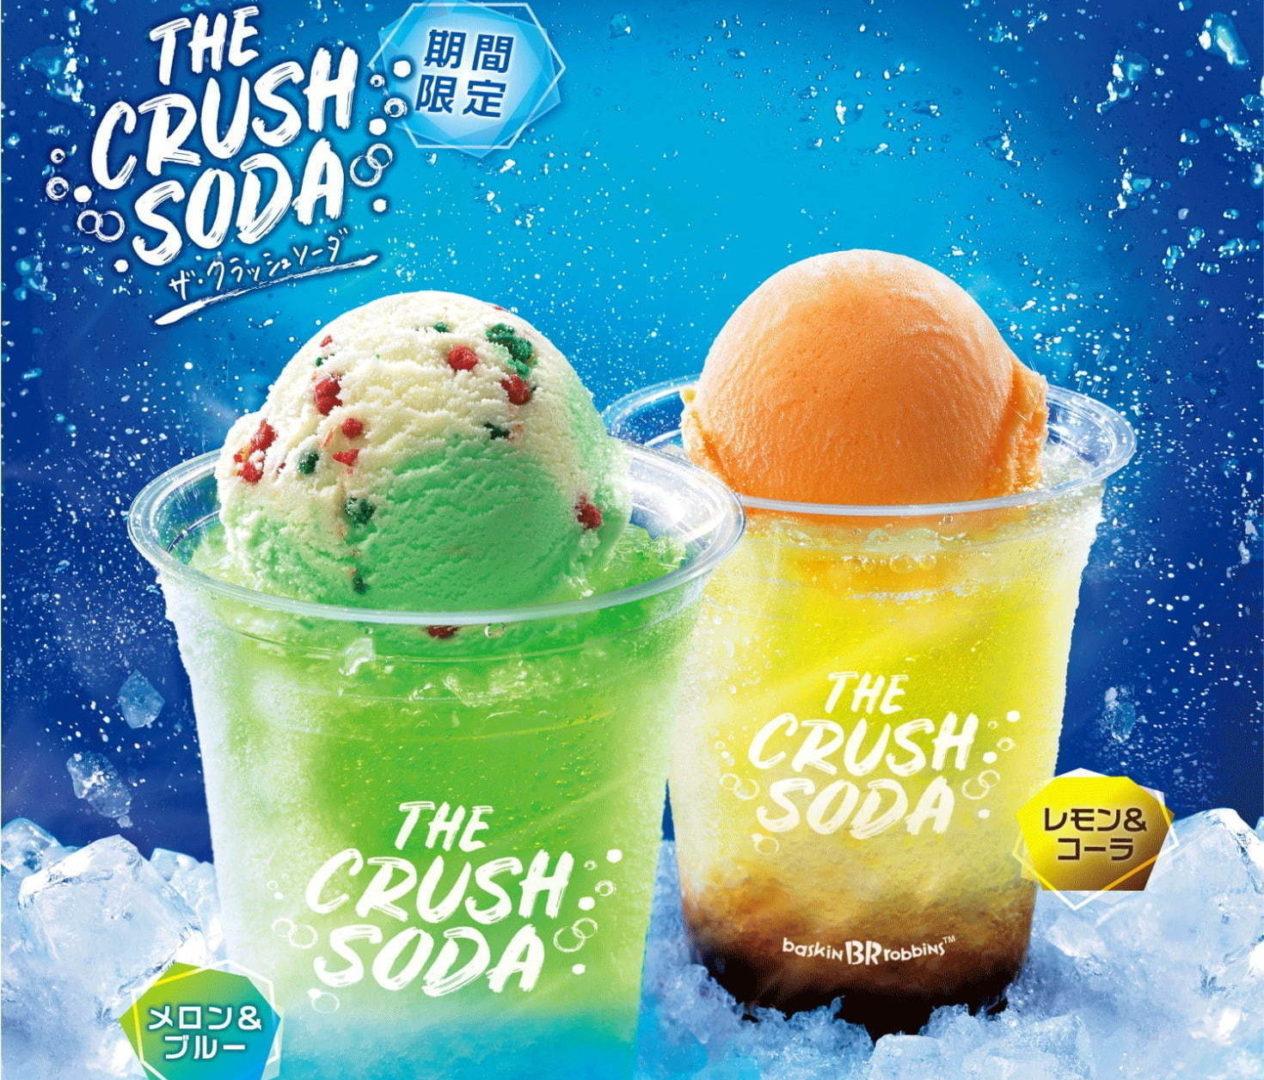 サーティワンアイスクリームから、夏季限定「ザ・クラッシュソーダ」